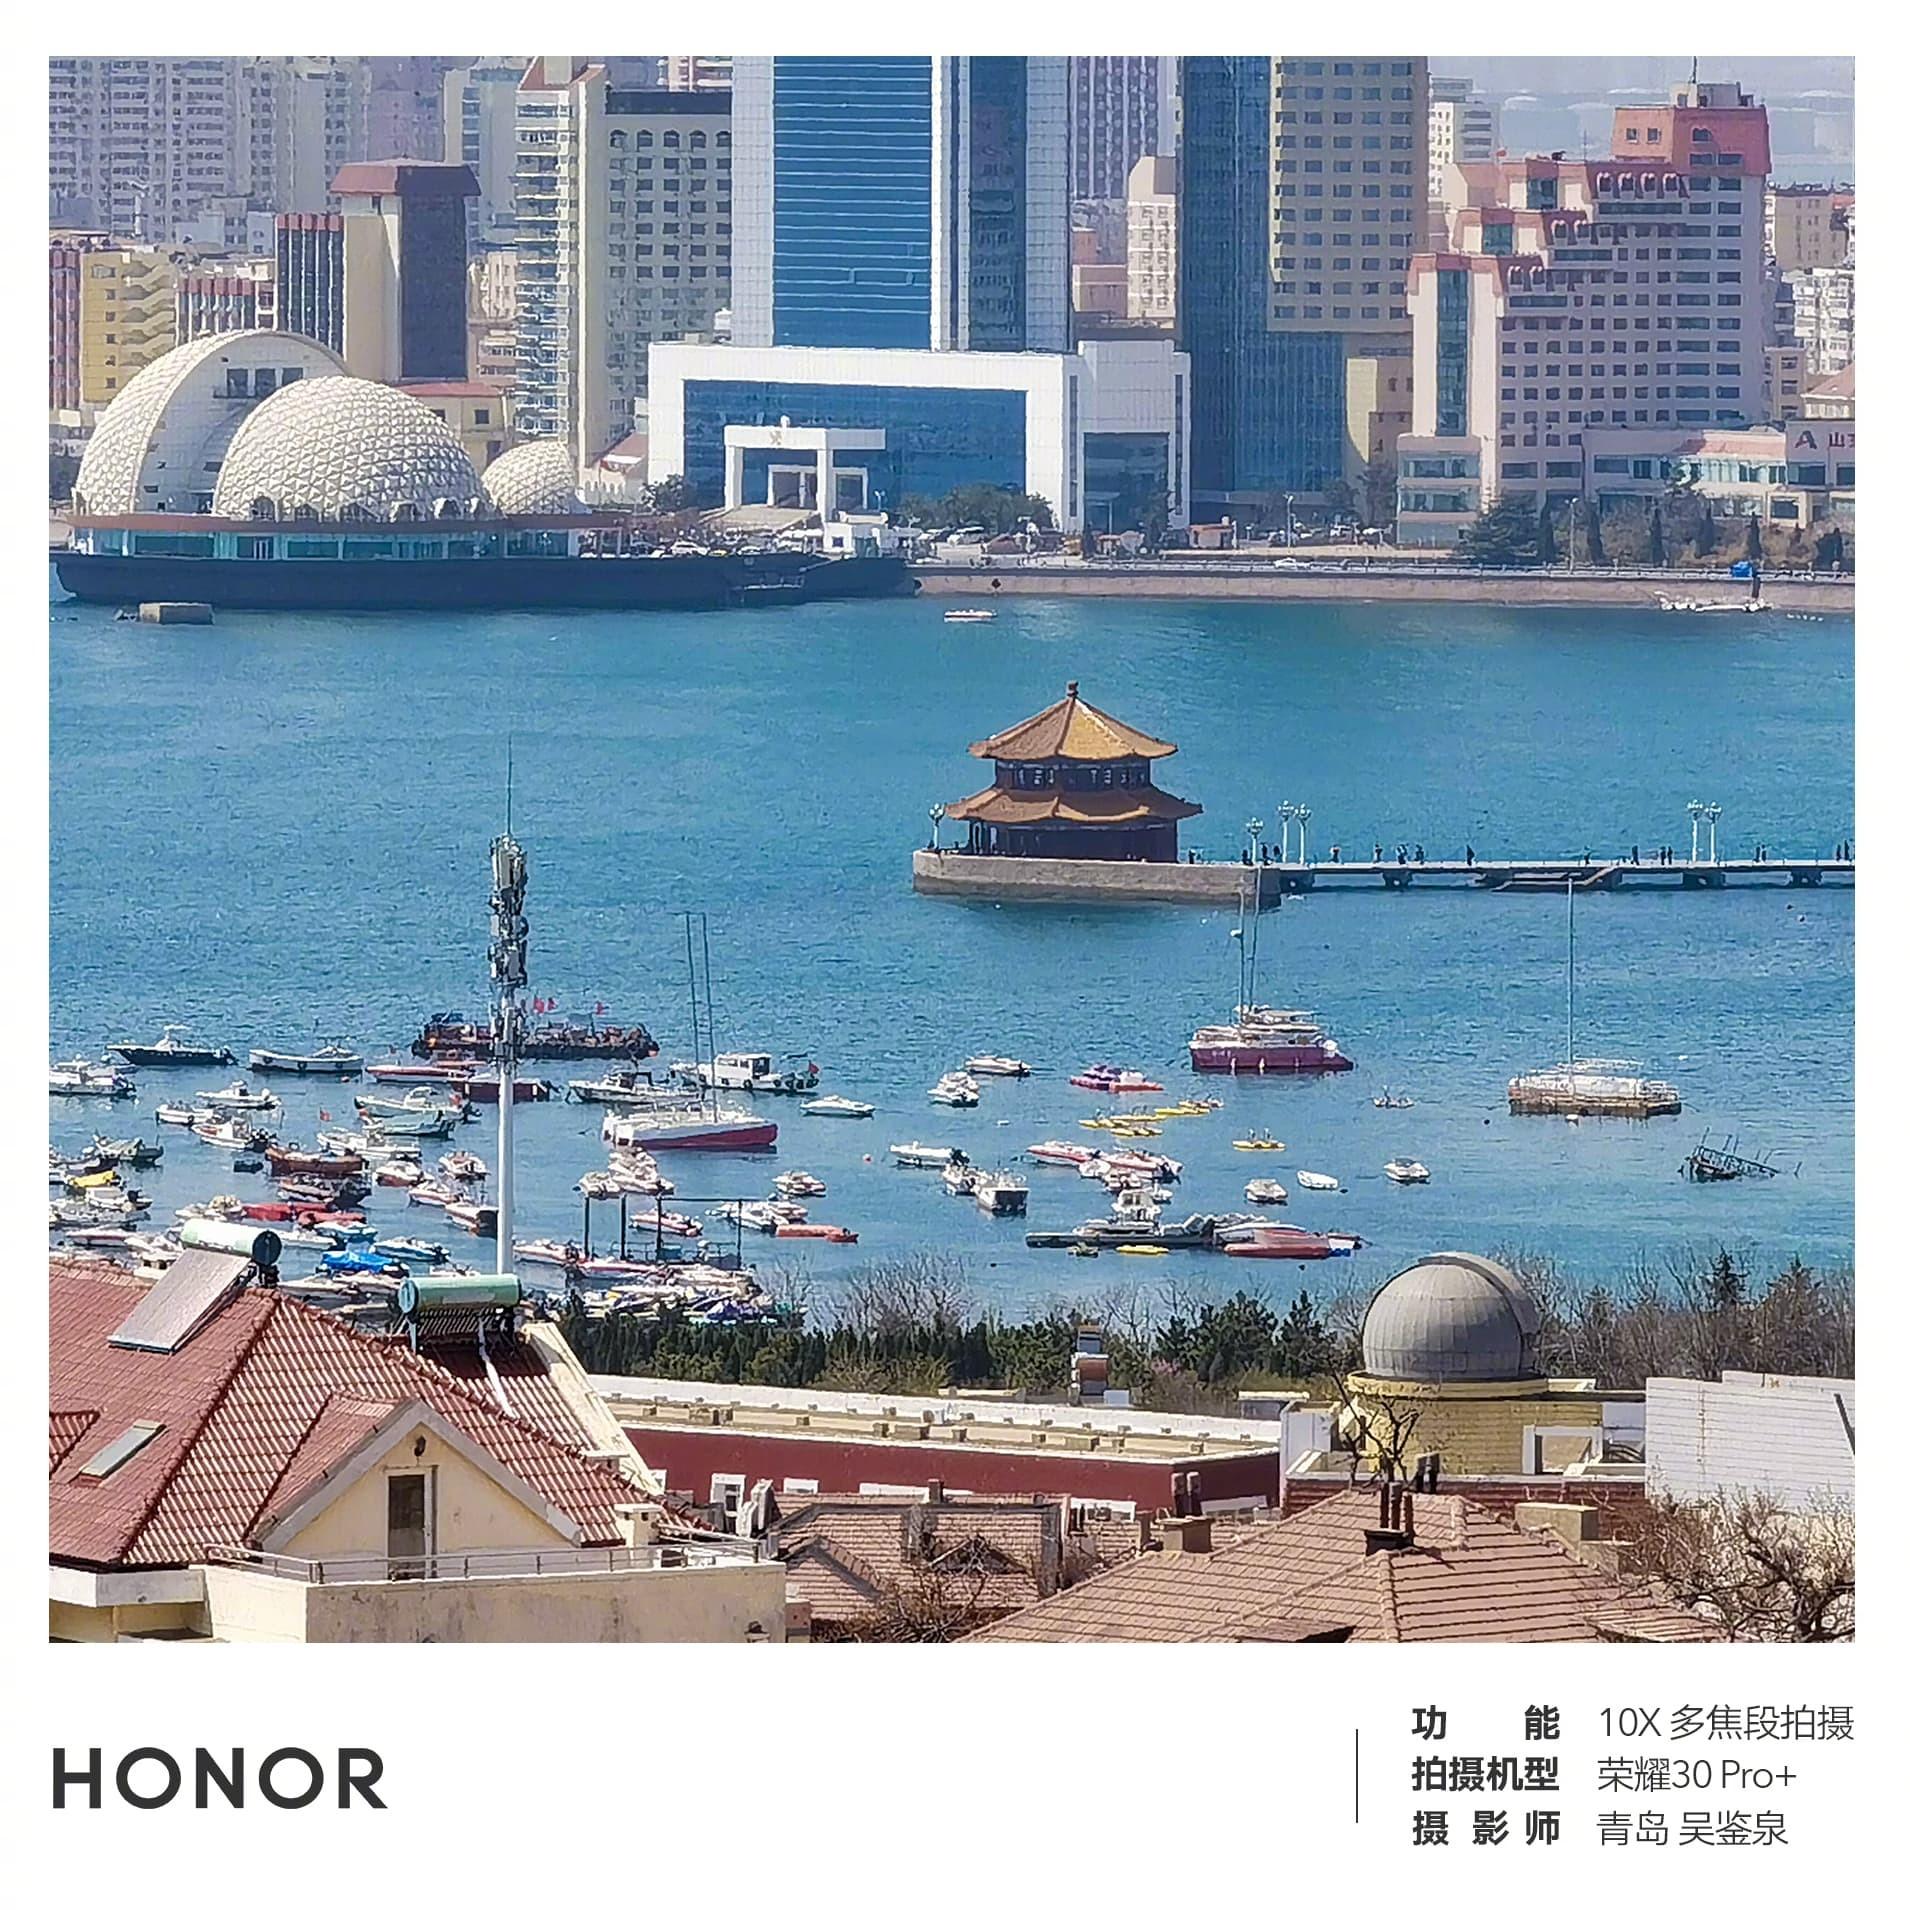 Honor 30 Pro + 10x Zoom